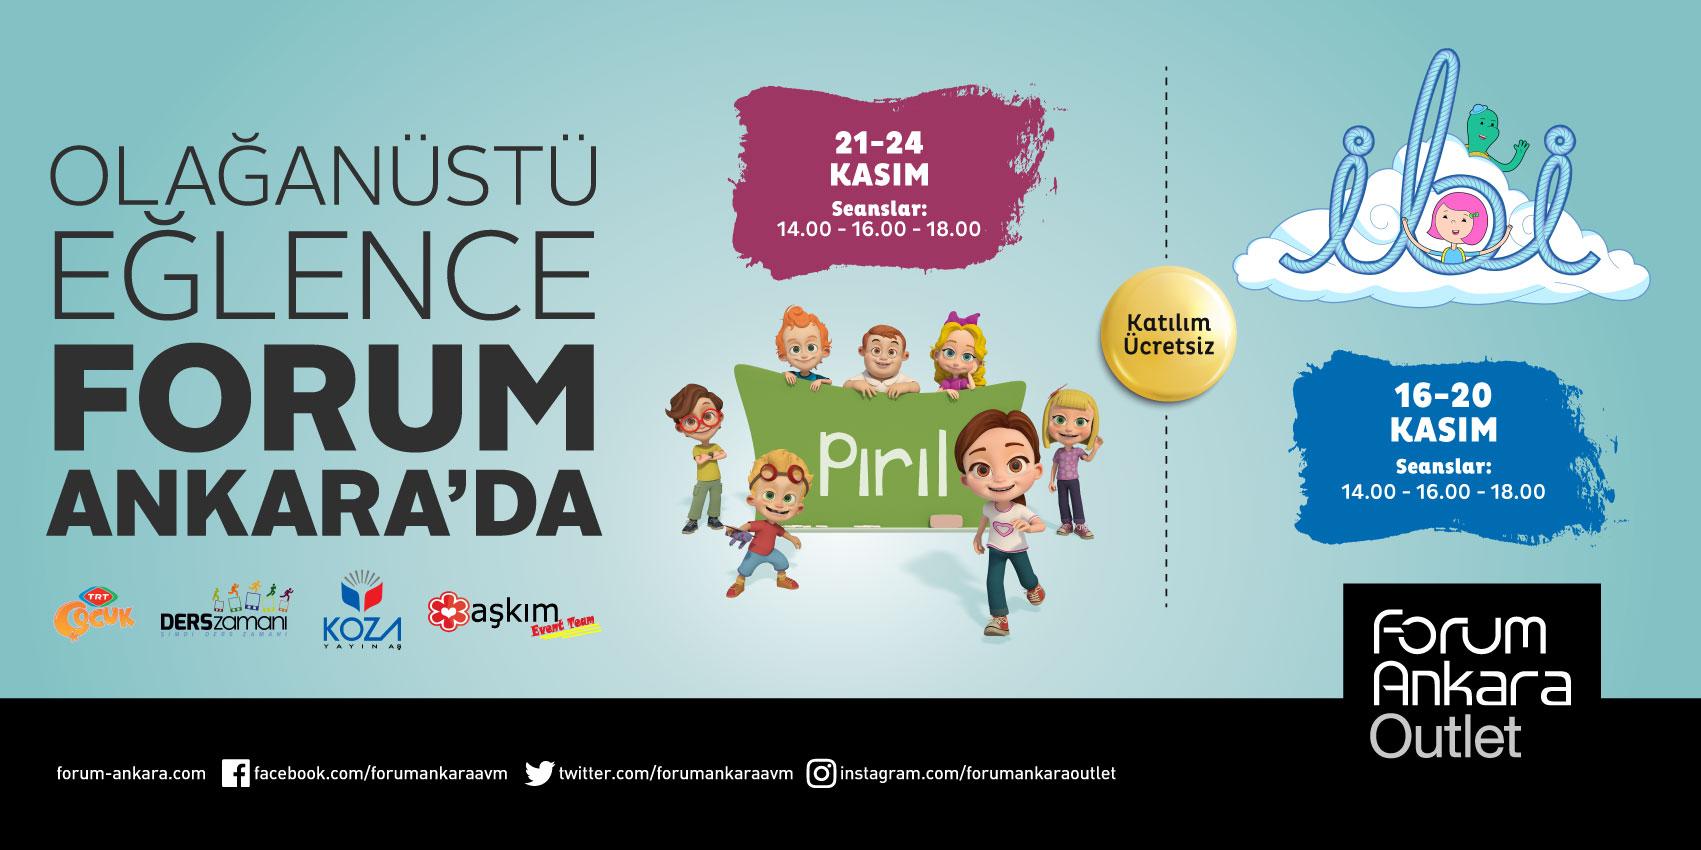 Forum Ankara TRT Çocuk kahramanları ile minik hayranlarını bir araya getiriyor